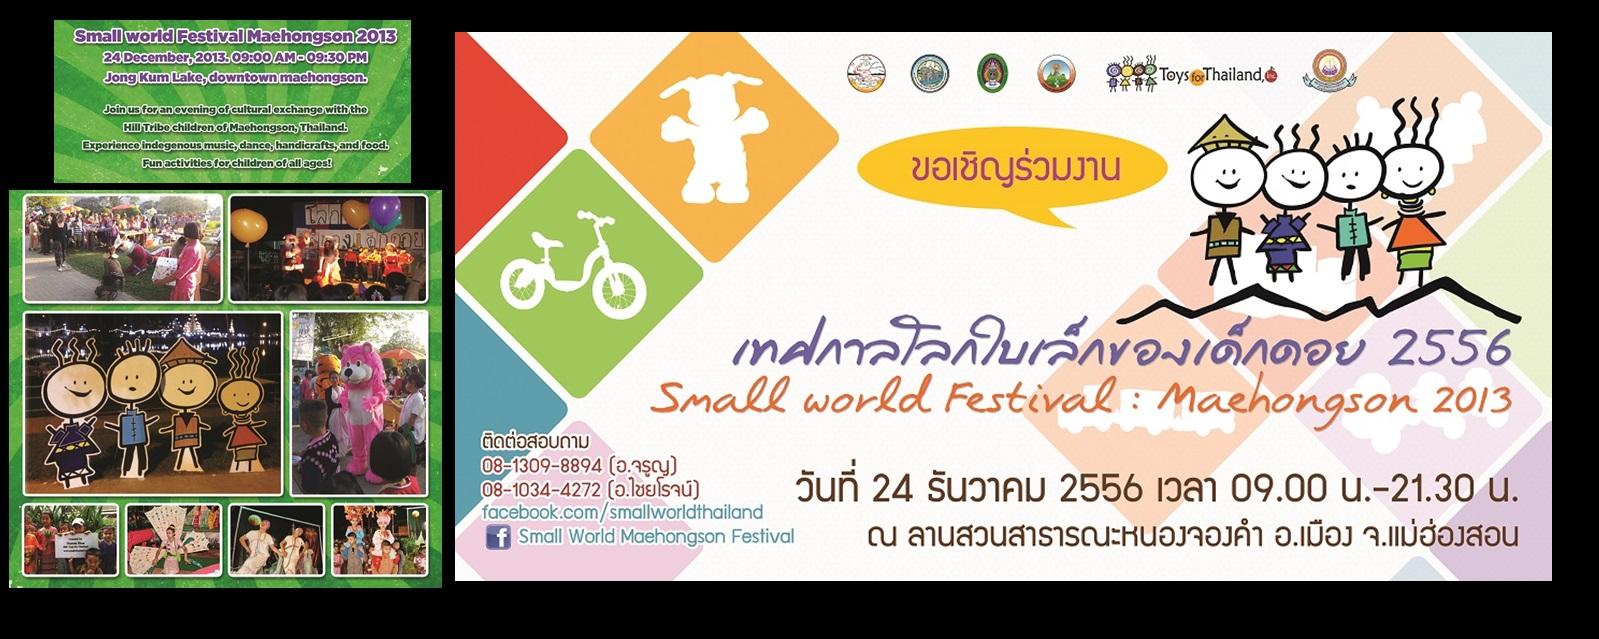 เทศกาลโลกใบเล็กของเด็กดอย (Small World Festival) 24 ธันวาคม 2556 ณ ลานสวนสาธารณะหนองจองคำ จังหวัดแม่ฮ่องสอน